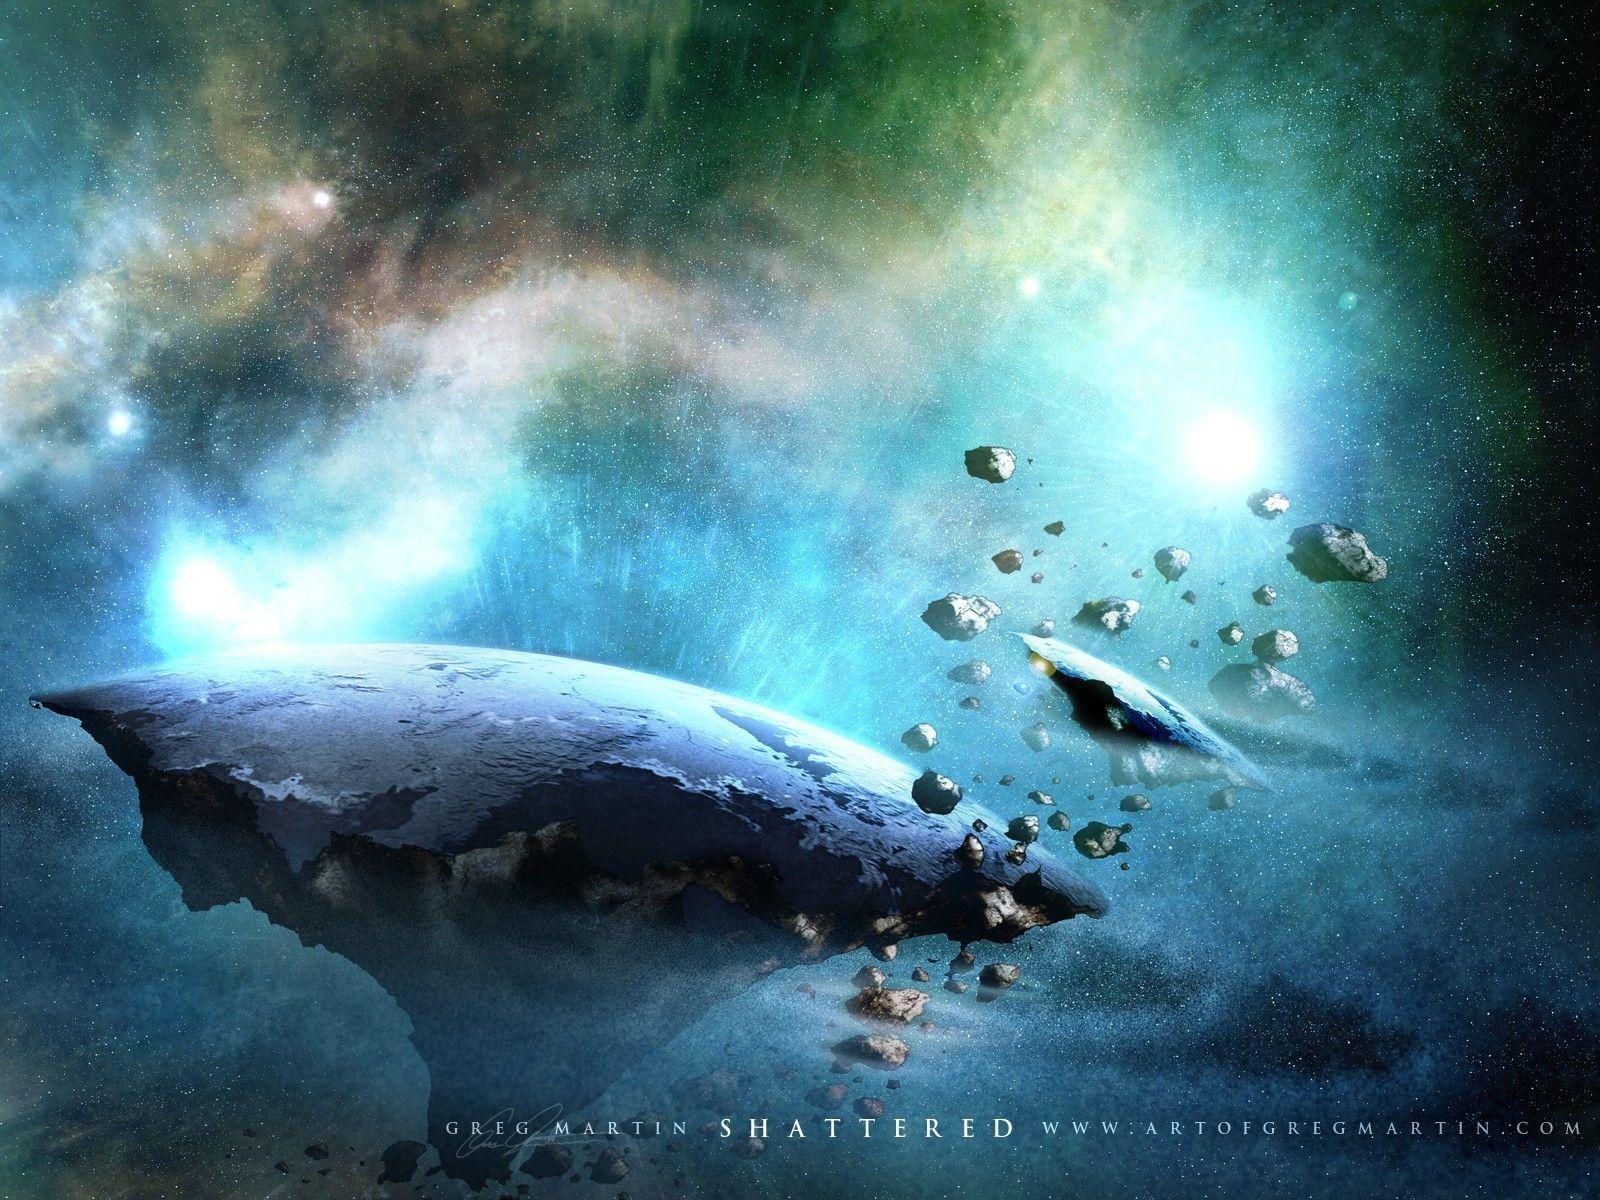 http://2.bp.blogspot.com/-soPRR6QTlOQ/UA5j_TtuknI/AAAAAAAAPbU/Zl_S4I0WjEg/s1600/Space-Art-Wallpaper-Sci-Fi-space-8070528-1600-1200.jpg